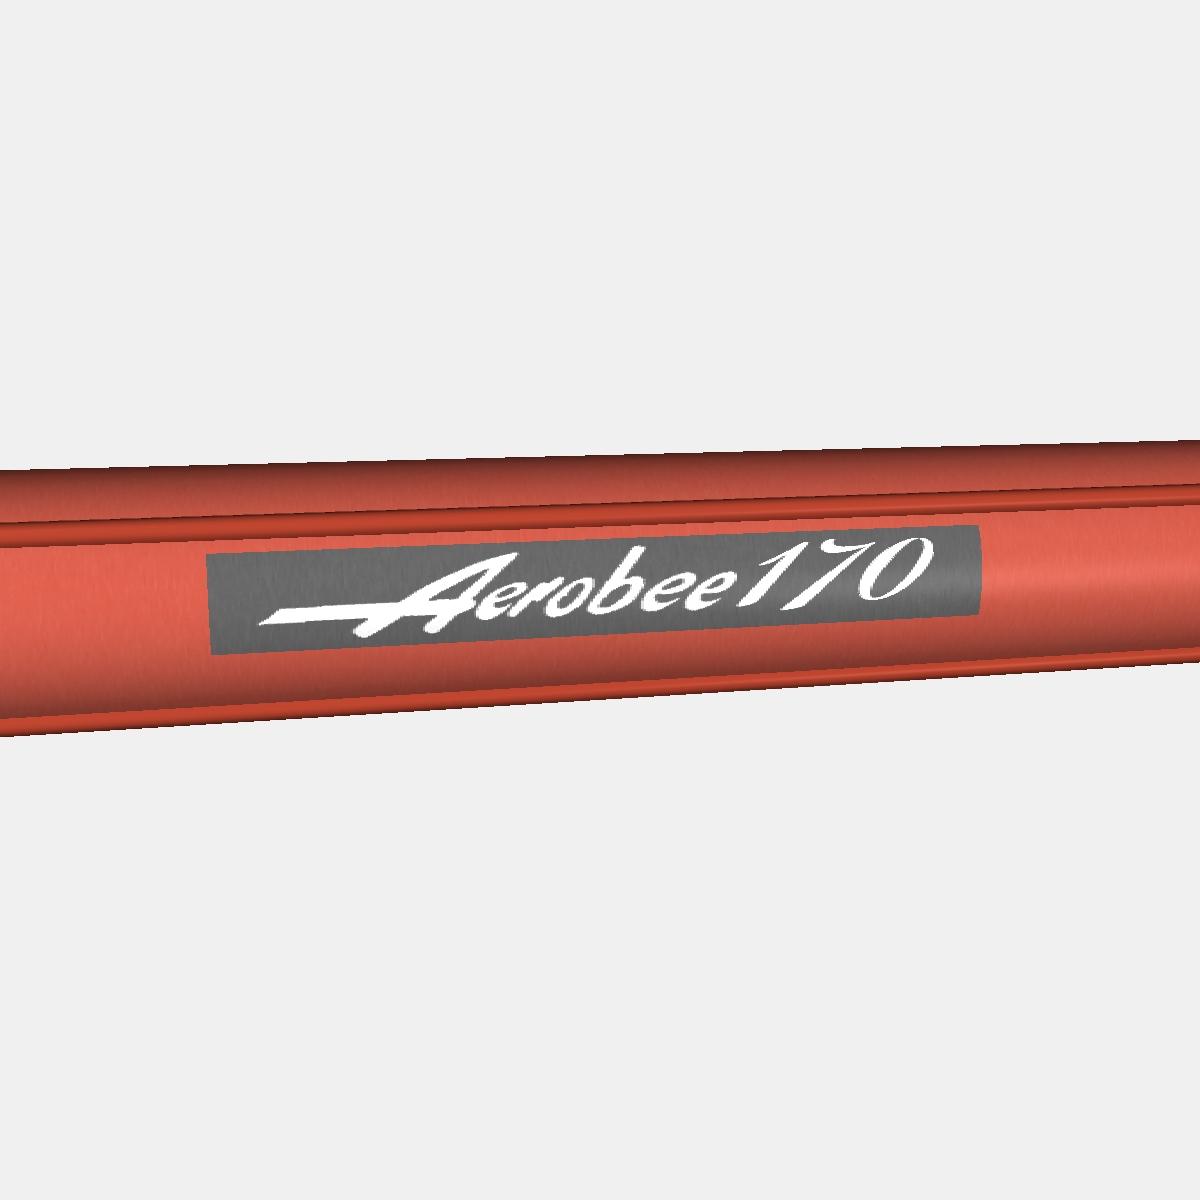 aerobee 170 raķete 3d modelis 3ds dxf fbx blend cob dae x obj 166039